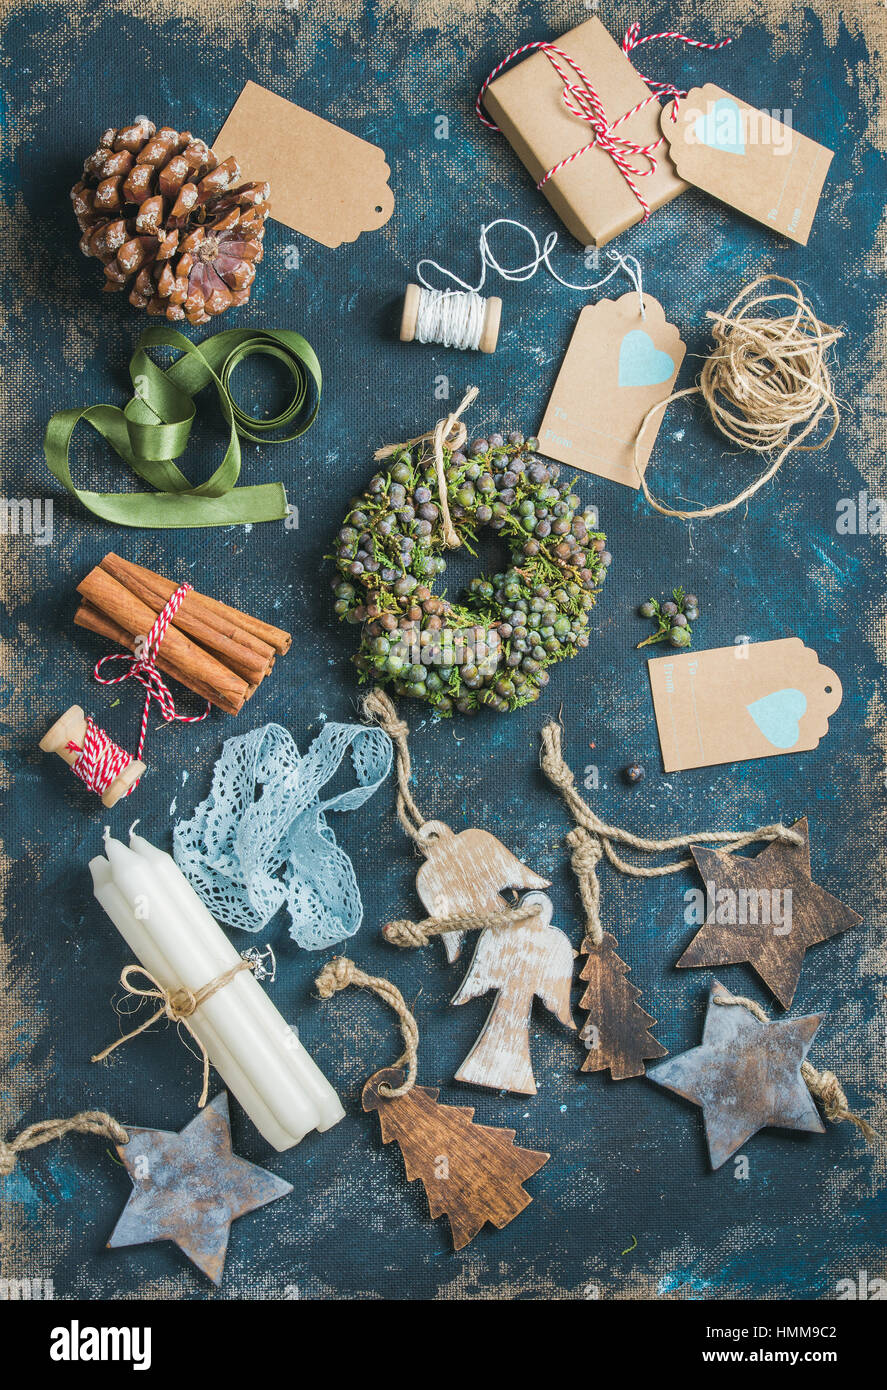 Natale gli oggetti correlati su squallido sfondo tabella, vista dall'alto Immagini Stock